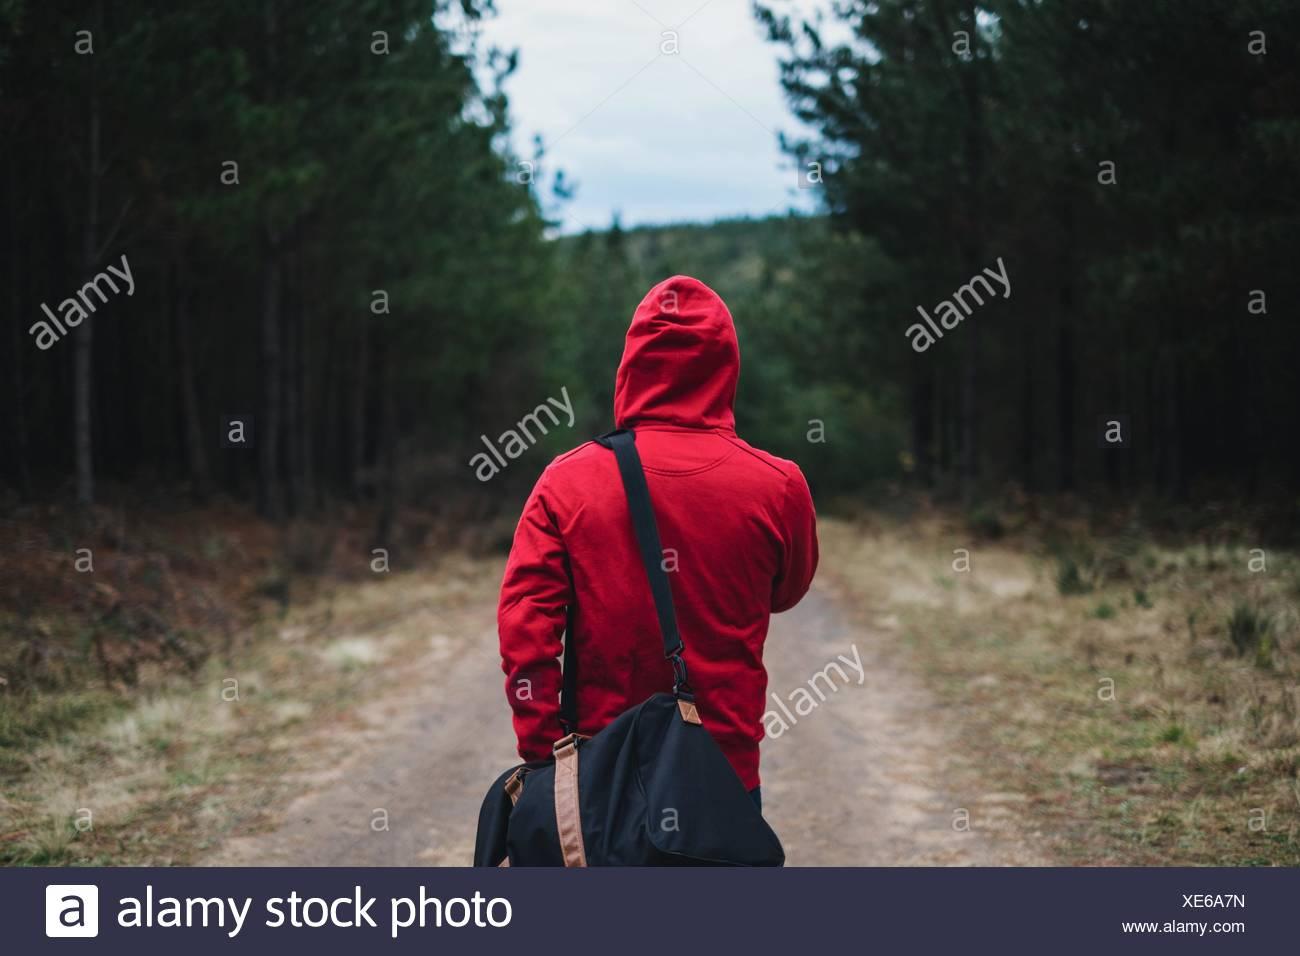 Vista trasera de la persona en Camisa encapuchada caminando con bolsa en Belanglo State Forest Imagen De Stock